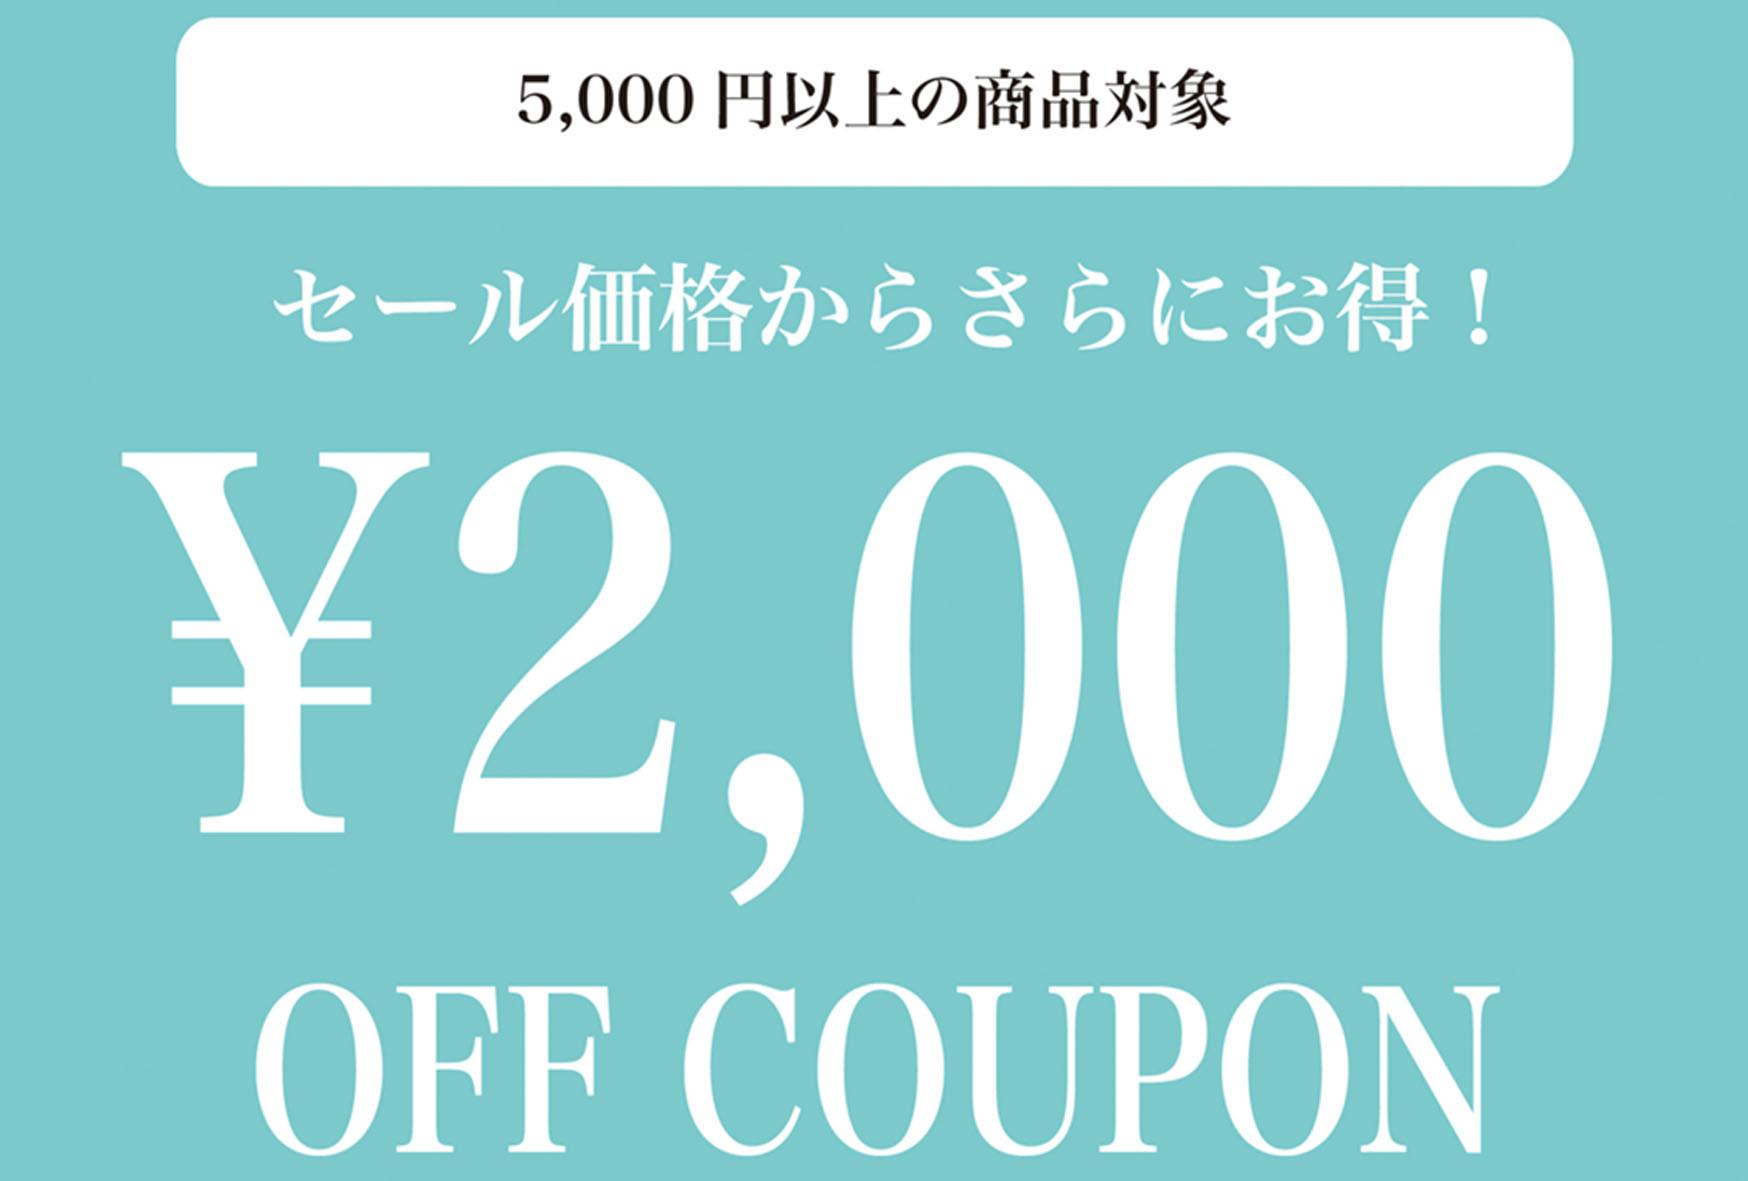 【お得!】Maison de Nobilis公式アプリ限定で2,000円OFF!